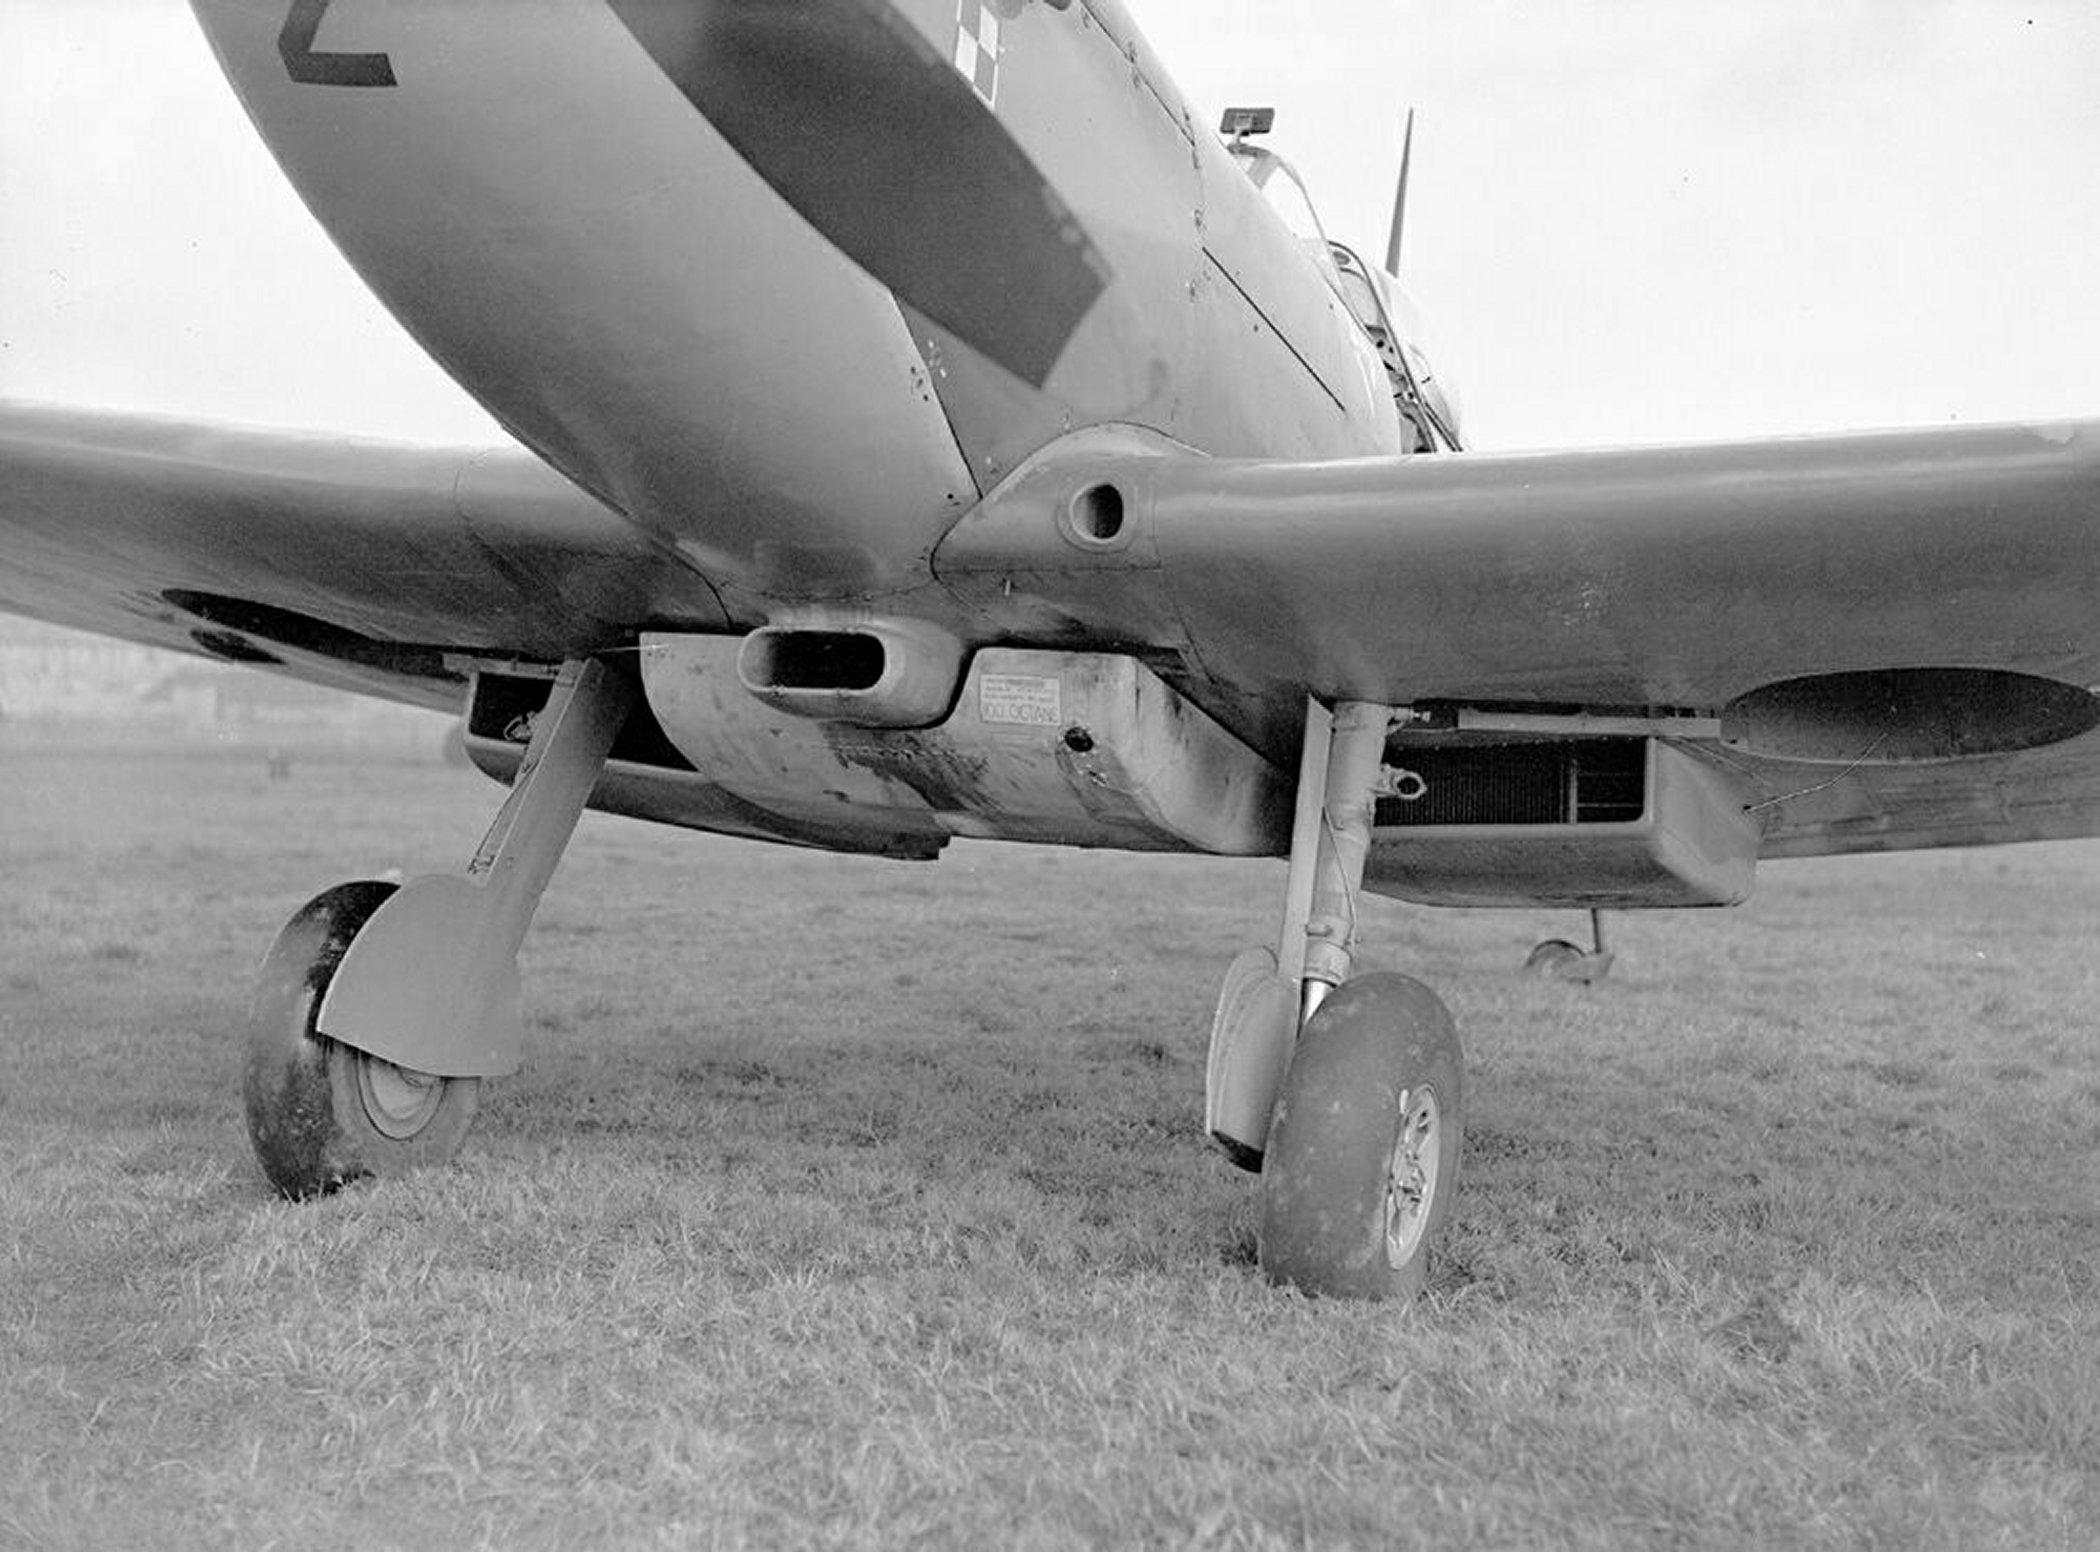 Spitfire MkIXc RAF 306Sqn UZZ Joseph Zulikowskiego BS456 Northolt England Nov 16 1942 06